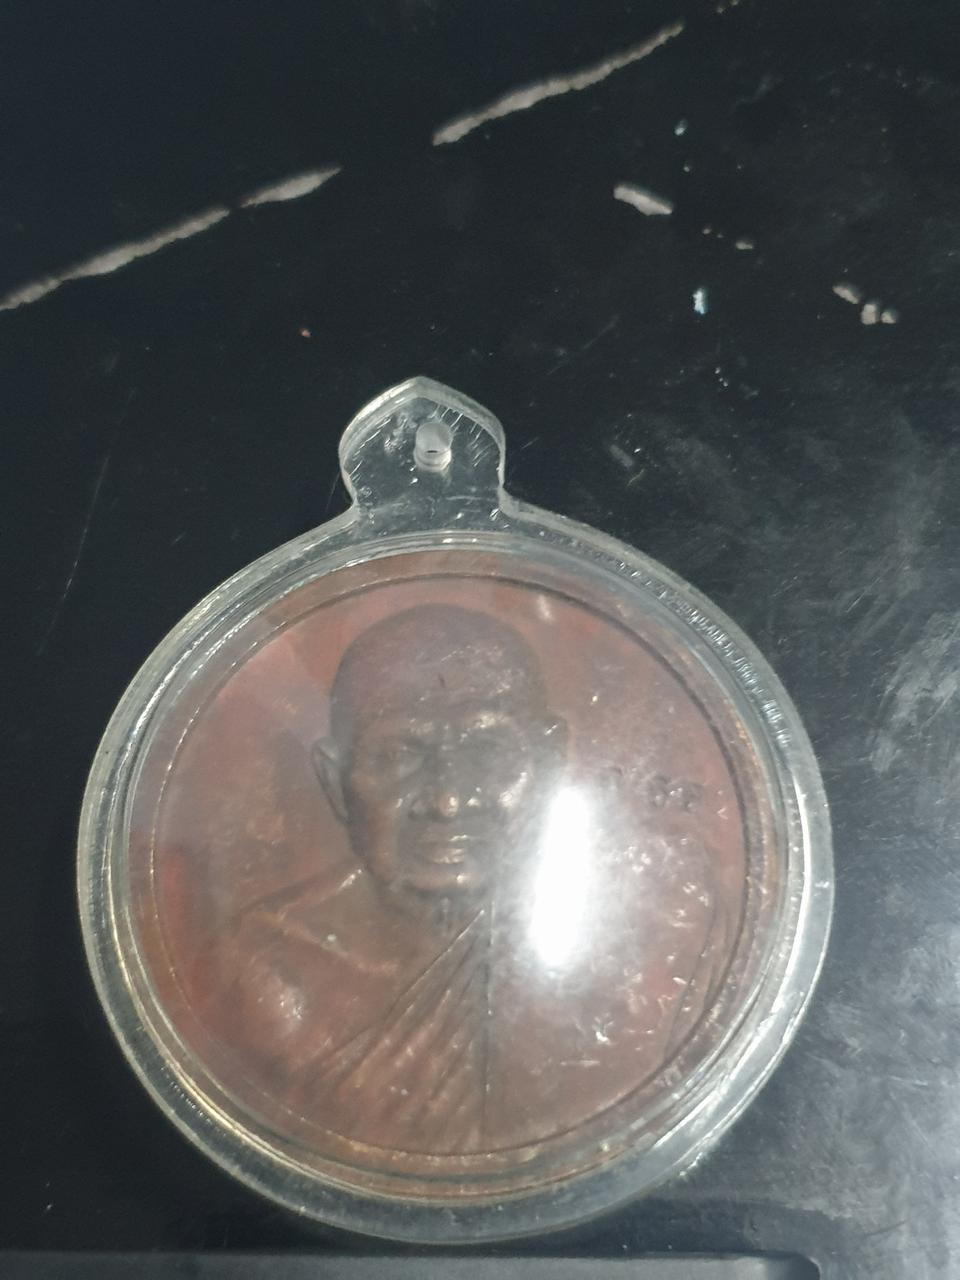 เหรียญบาตรน้ำมนต์ หลวงปู่ทิม วัดพระขาว รุ่นแรก พ.ศ. 2538 เนื้อทองแดง รูปที่ 1